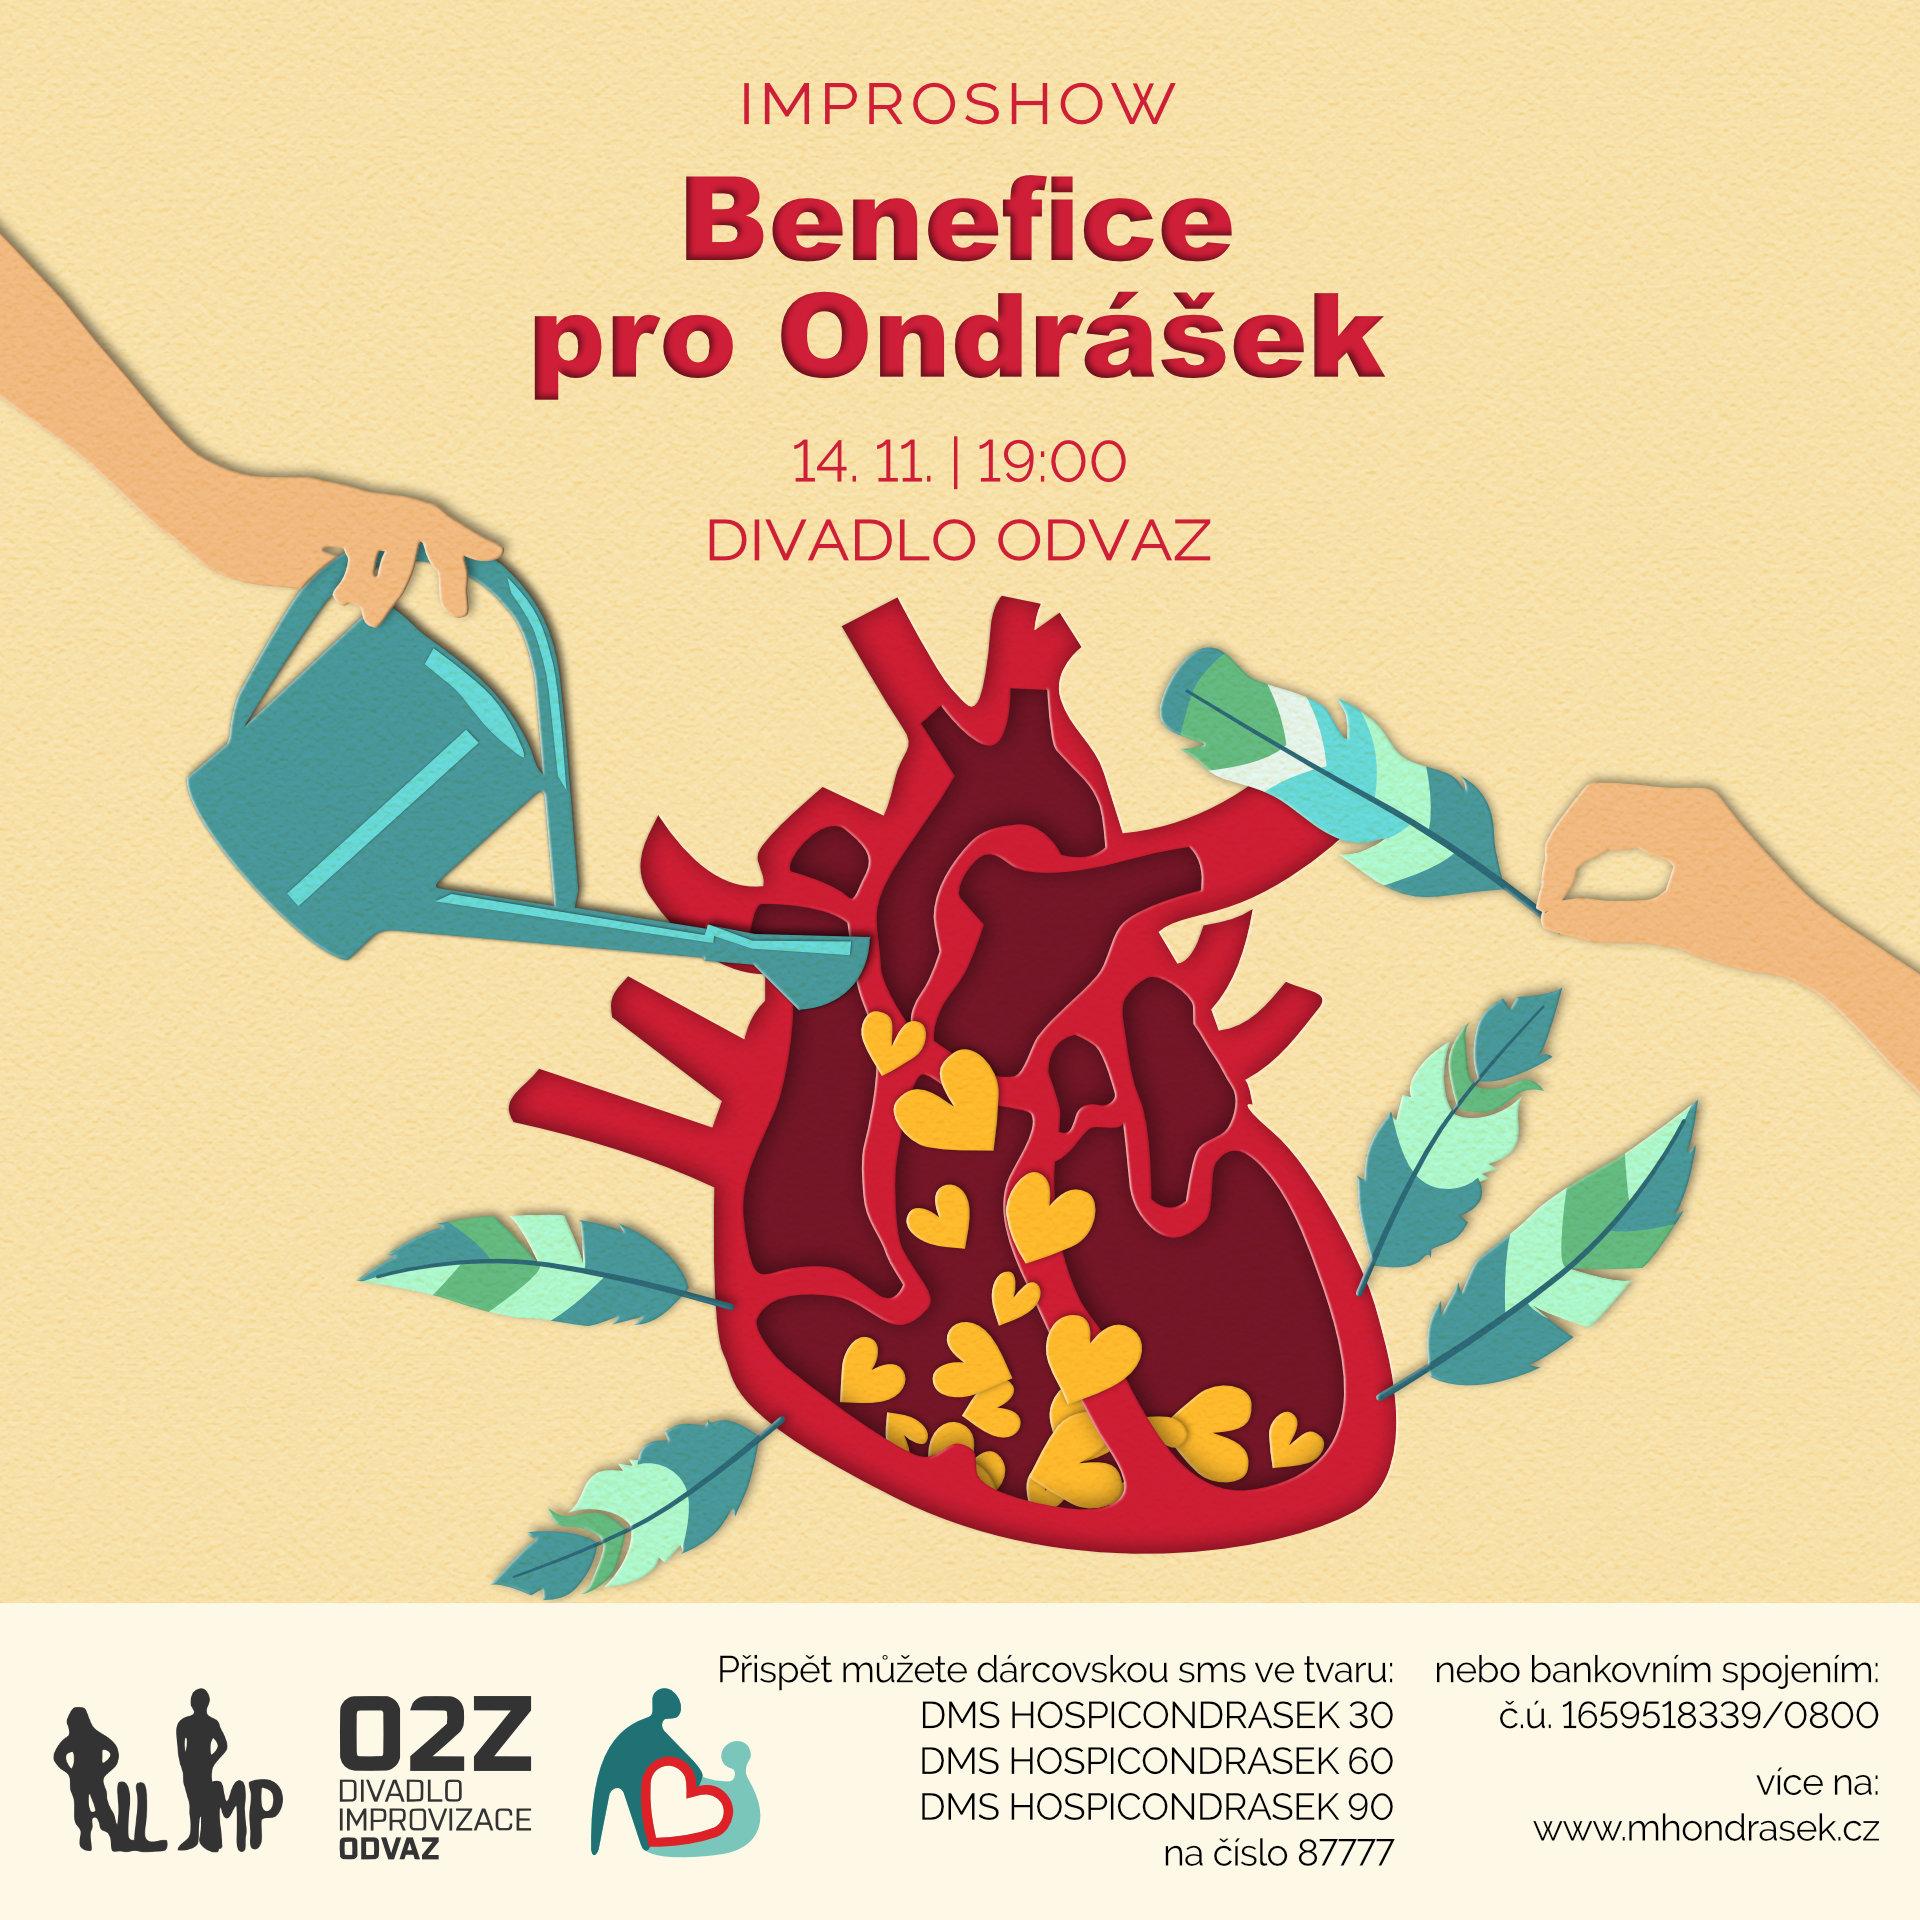 Benefice pro mobilní hospic Ondrášek